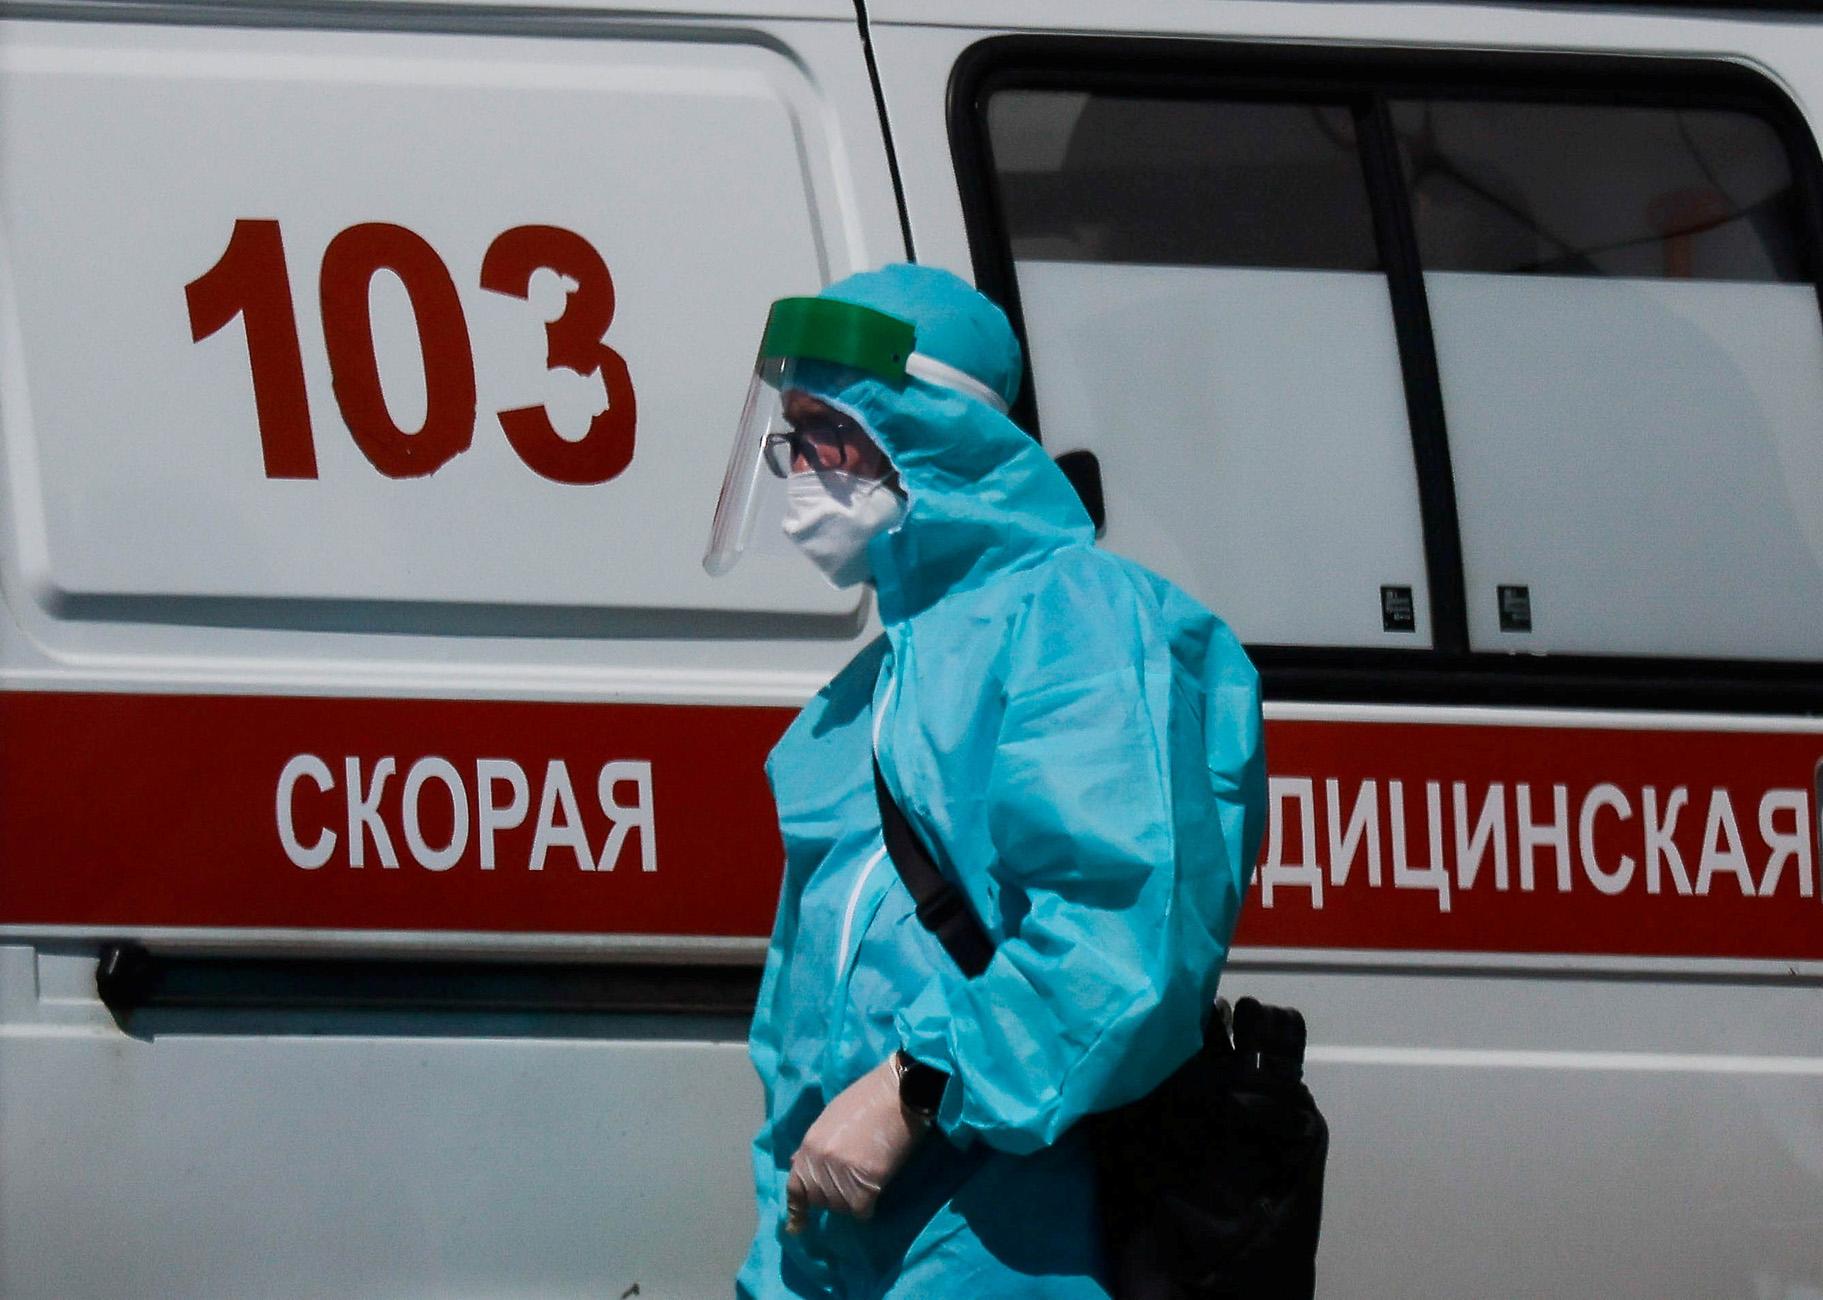 Ρωσία: 790 θάνατοι από κορονοϊό και 17.856 νέα κρούσματα σε ένα 24ωρο